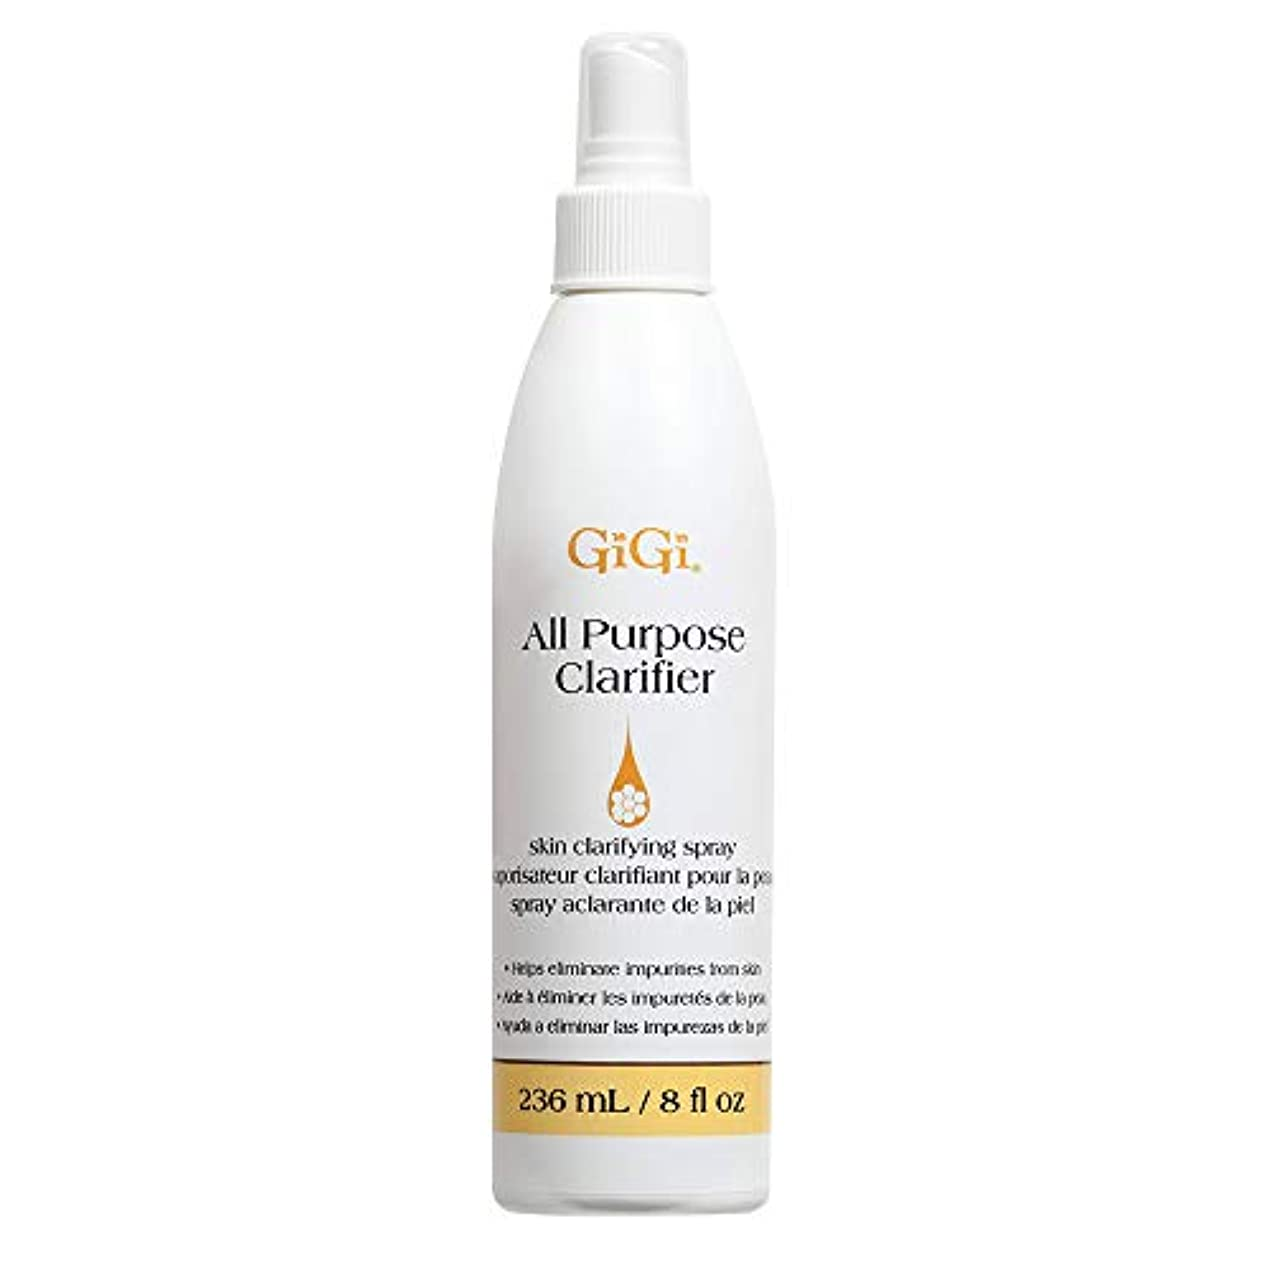 住所統計的文明化GIGI All Purpose Clarifier 8 oz by GiGi